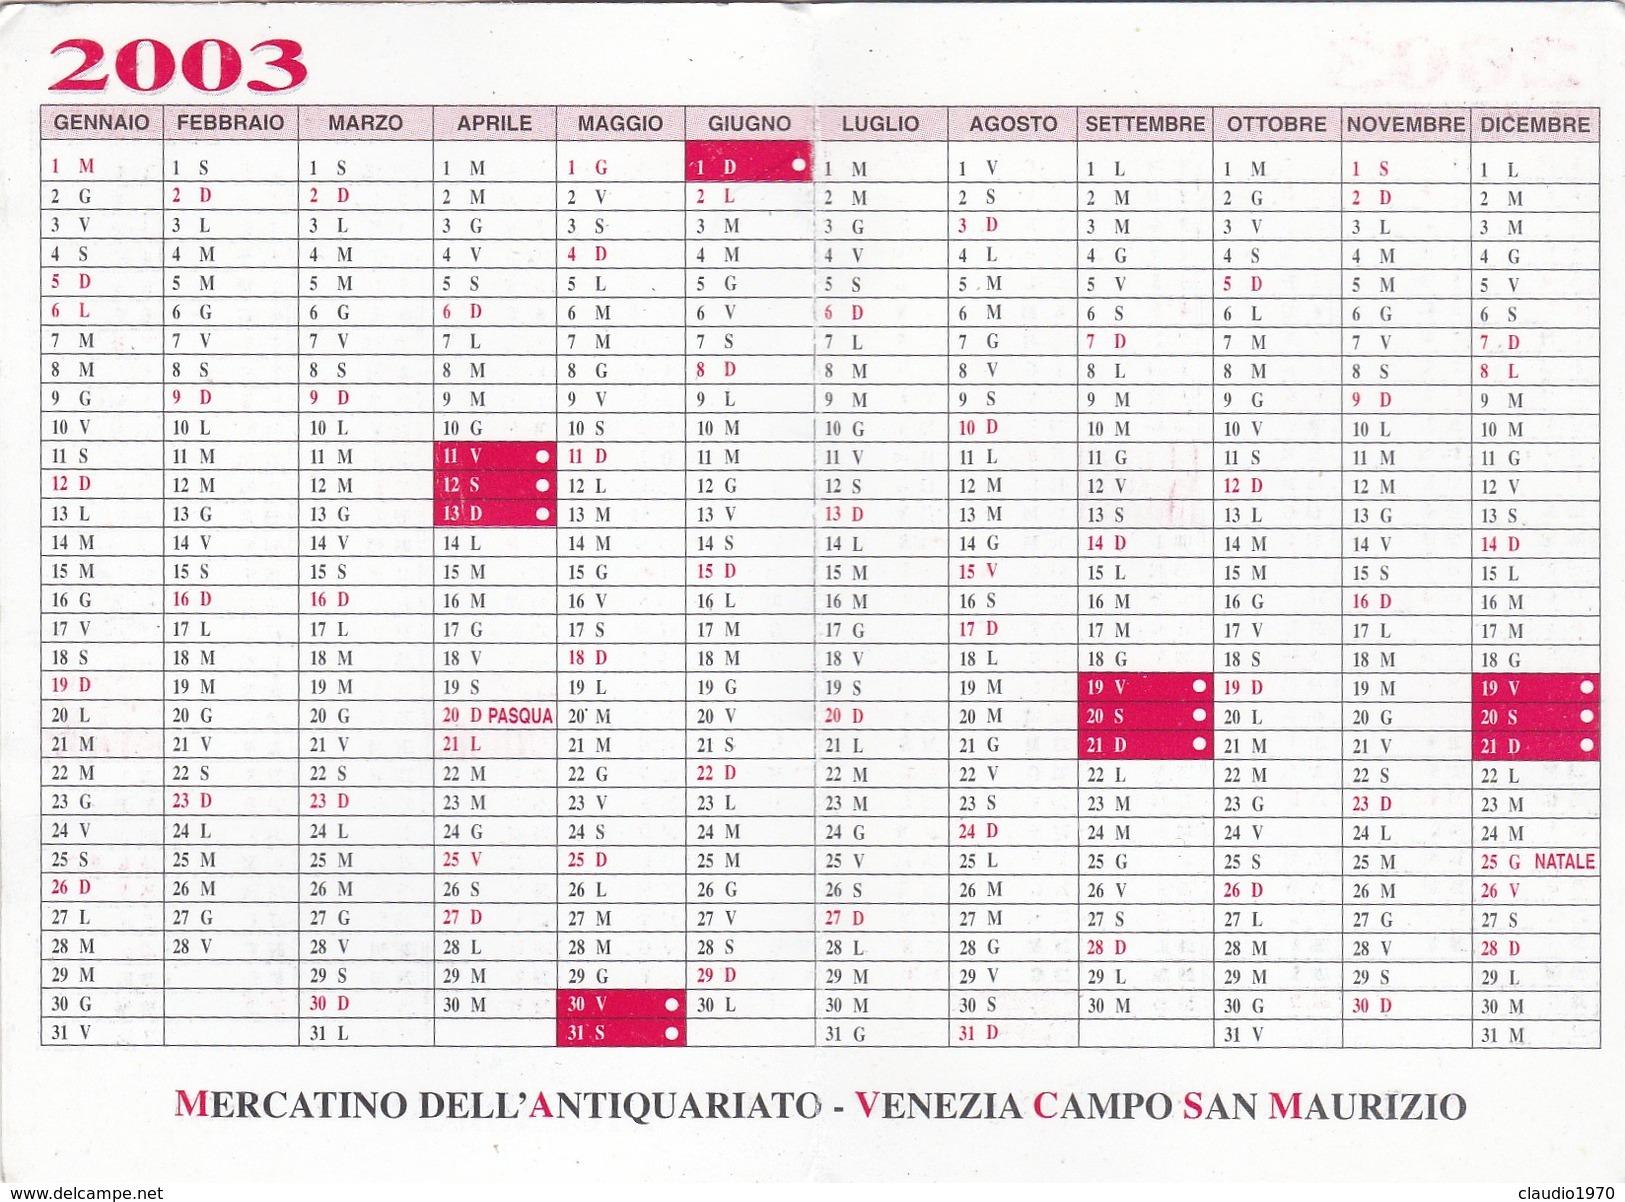 Calendarietto-mercatino Dell'antiquariato,di Venezia Campo San Maurizio.2003. - Calendari